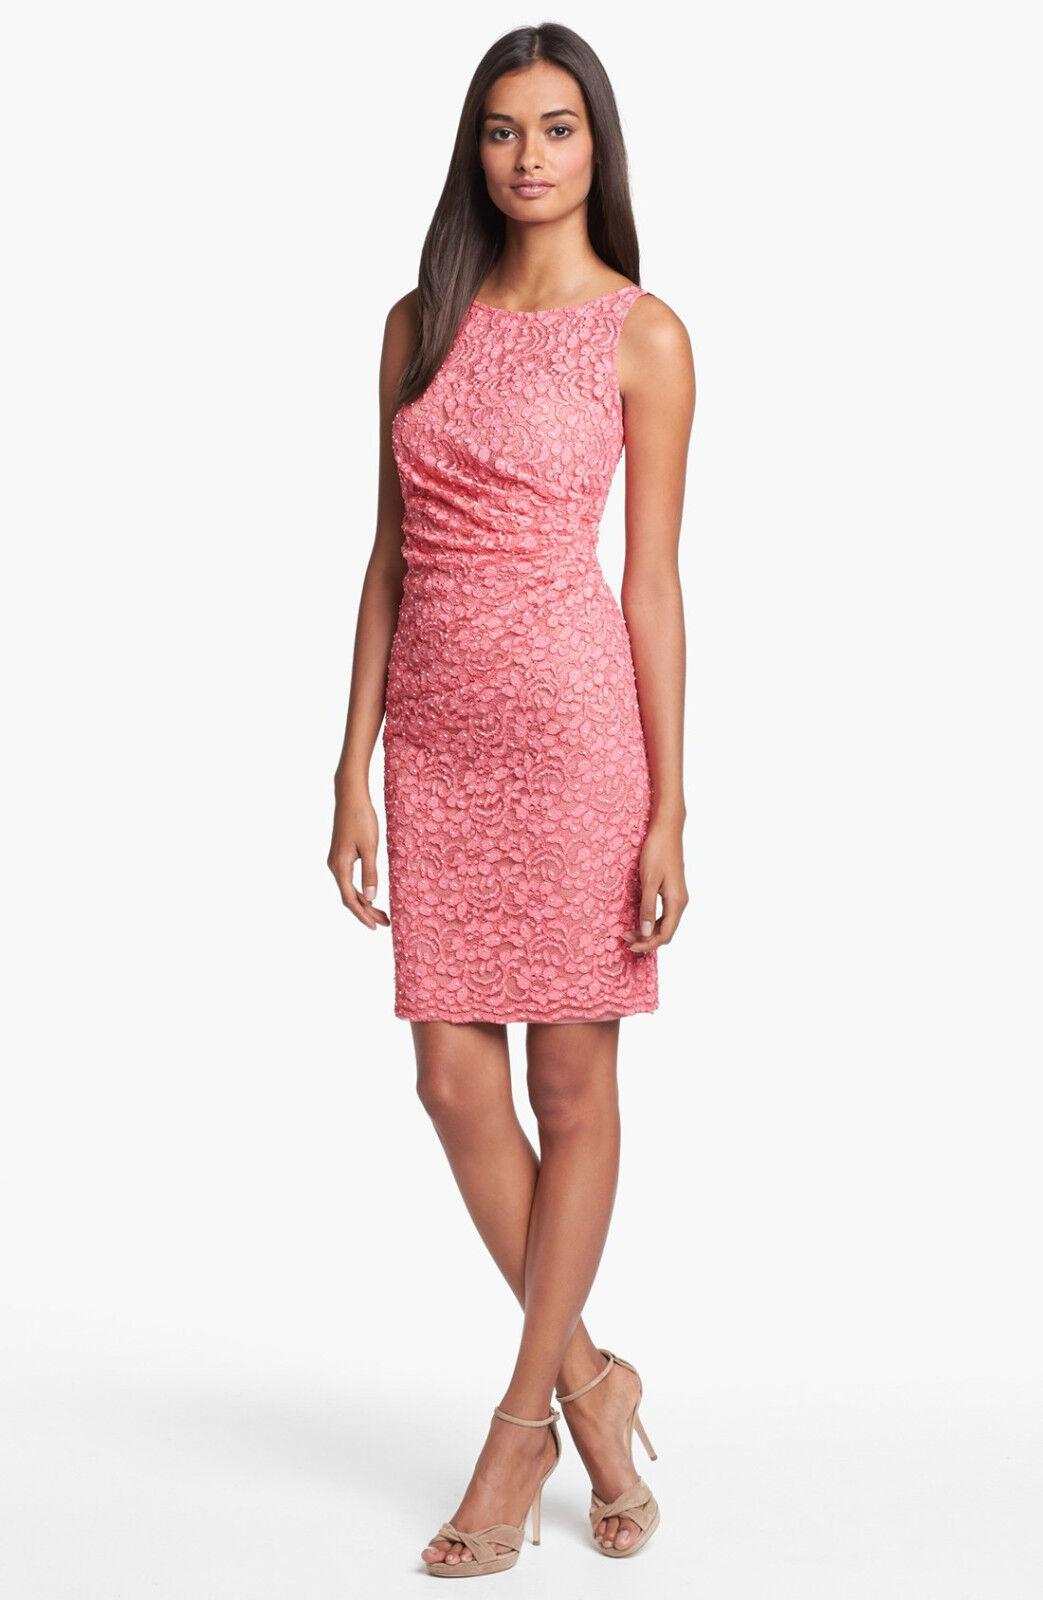 NWT Aidan Mattox Embellished Lace Sheath Dress HOT PINK SIZE 10